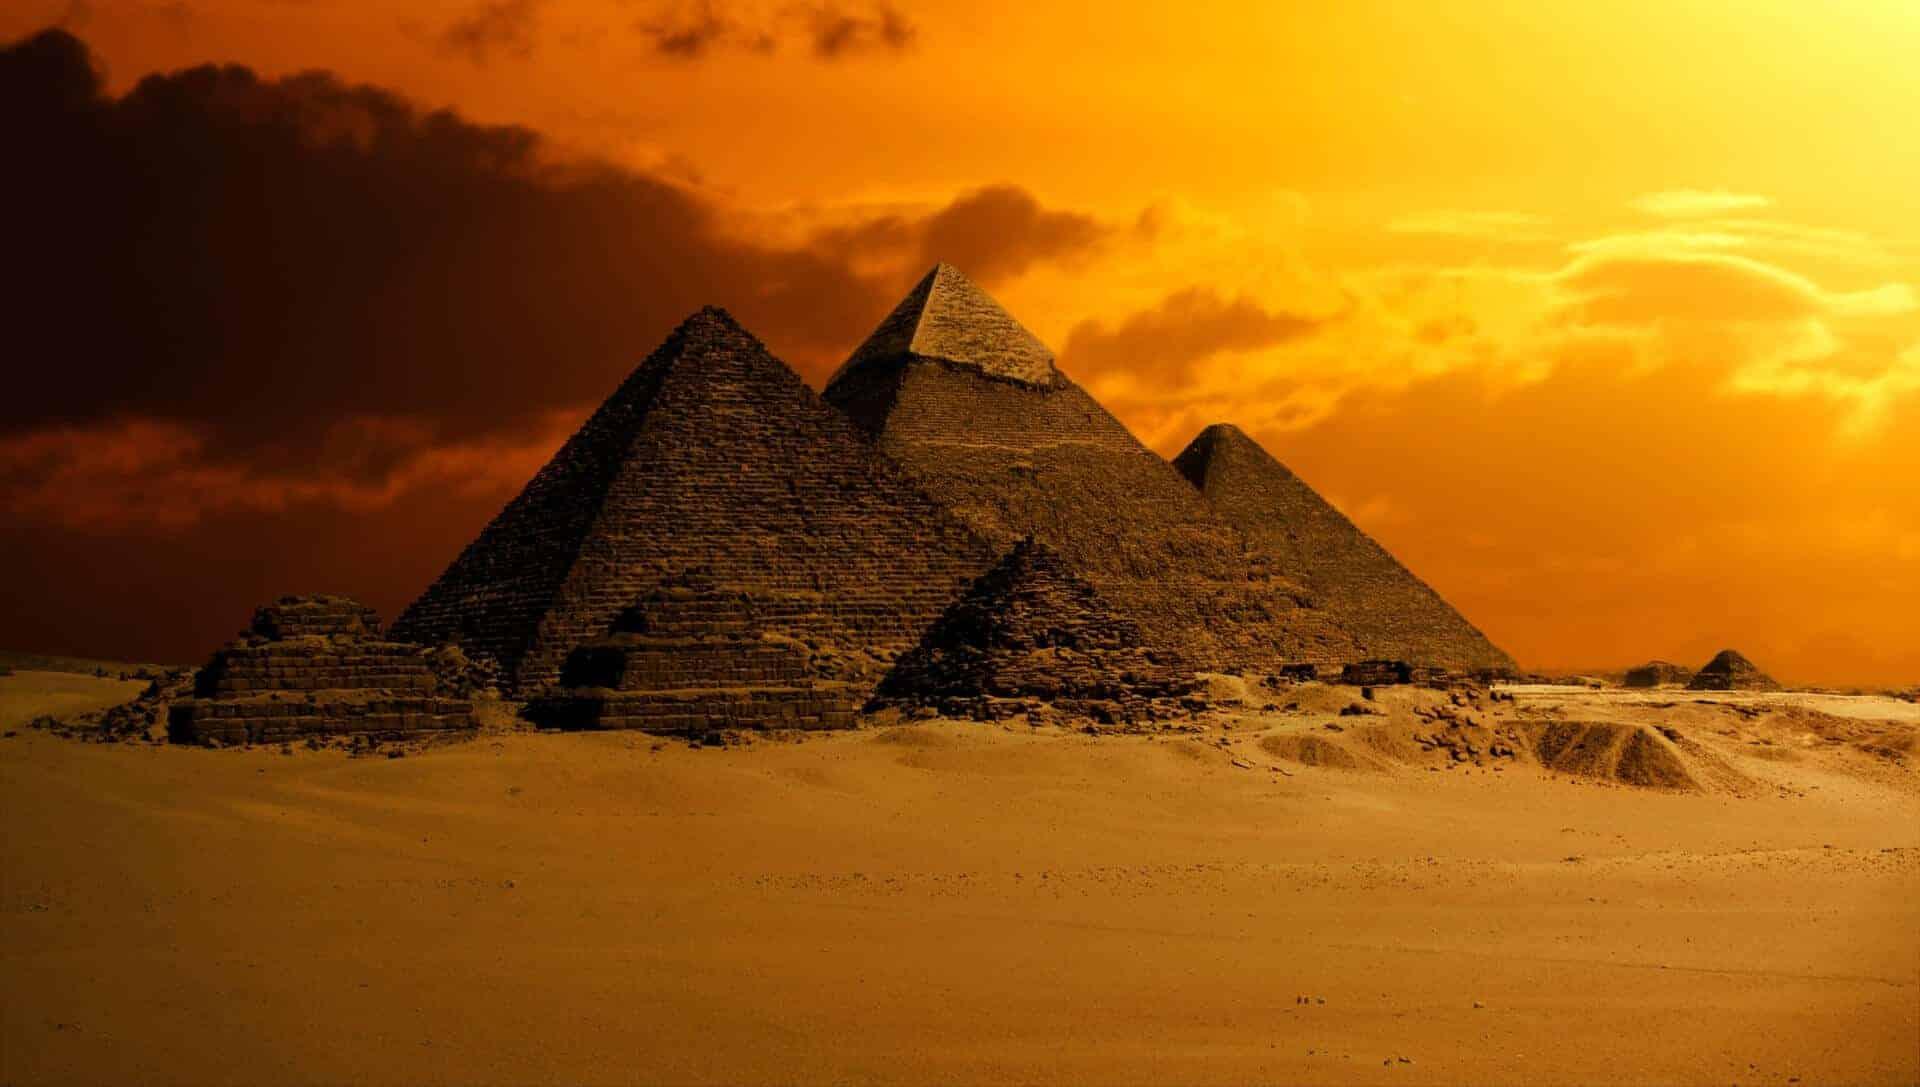 Cairo-Pyramids Egypt